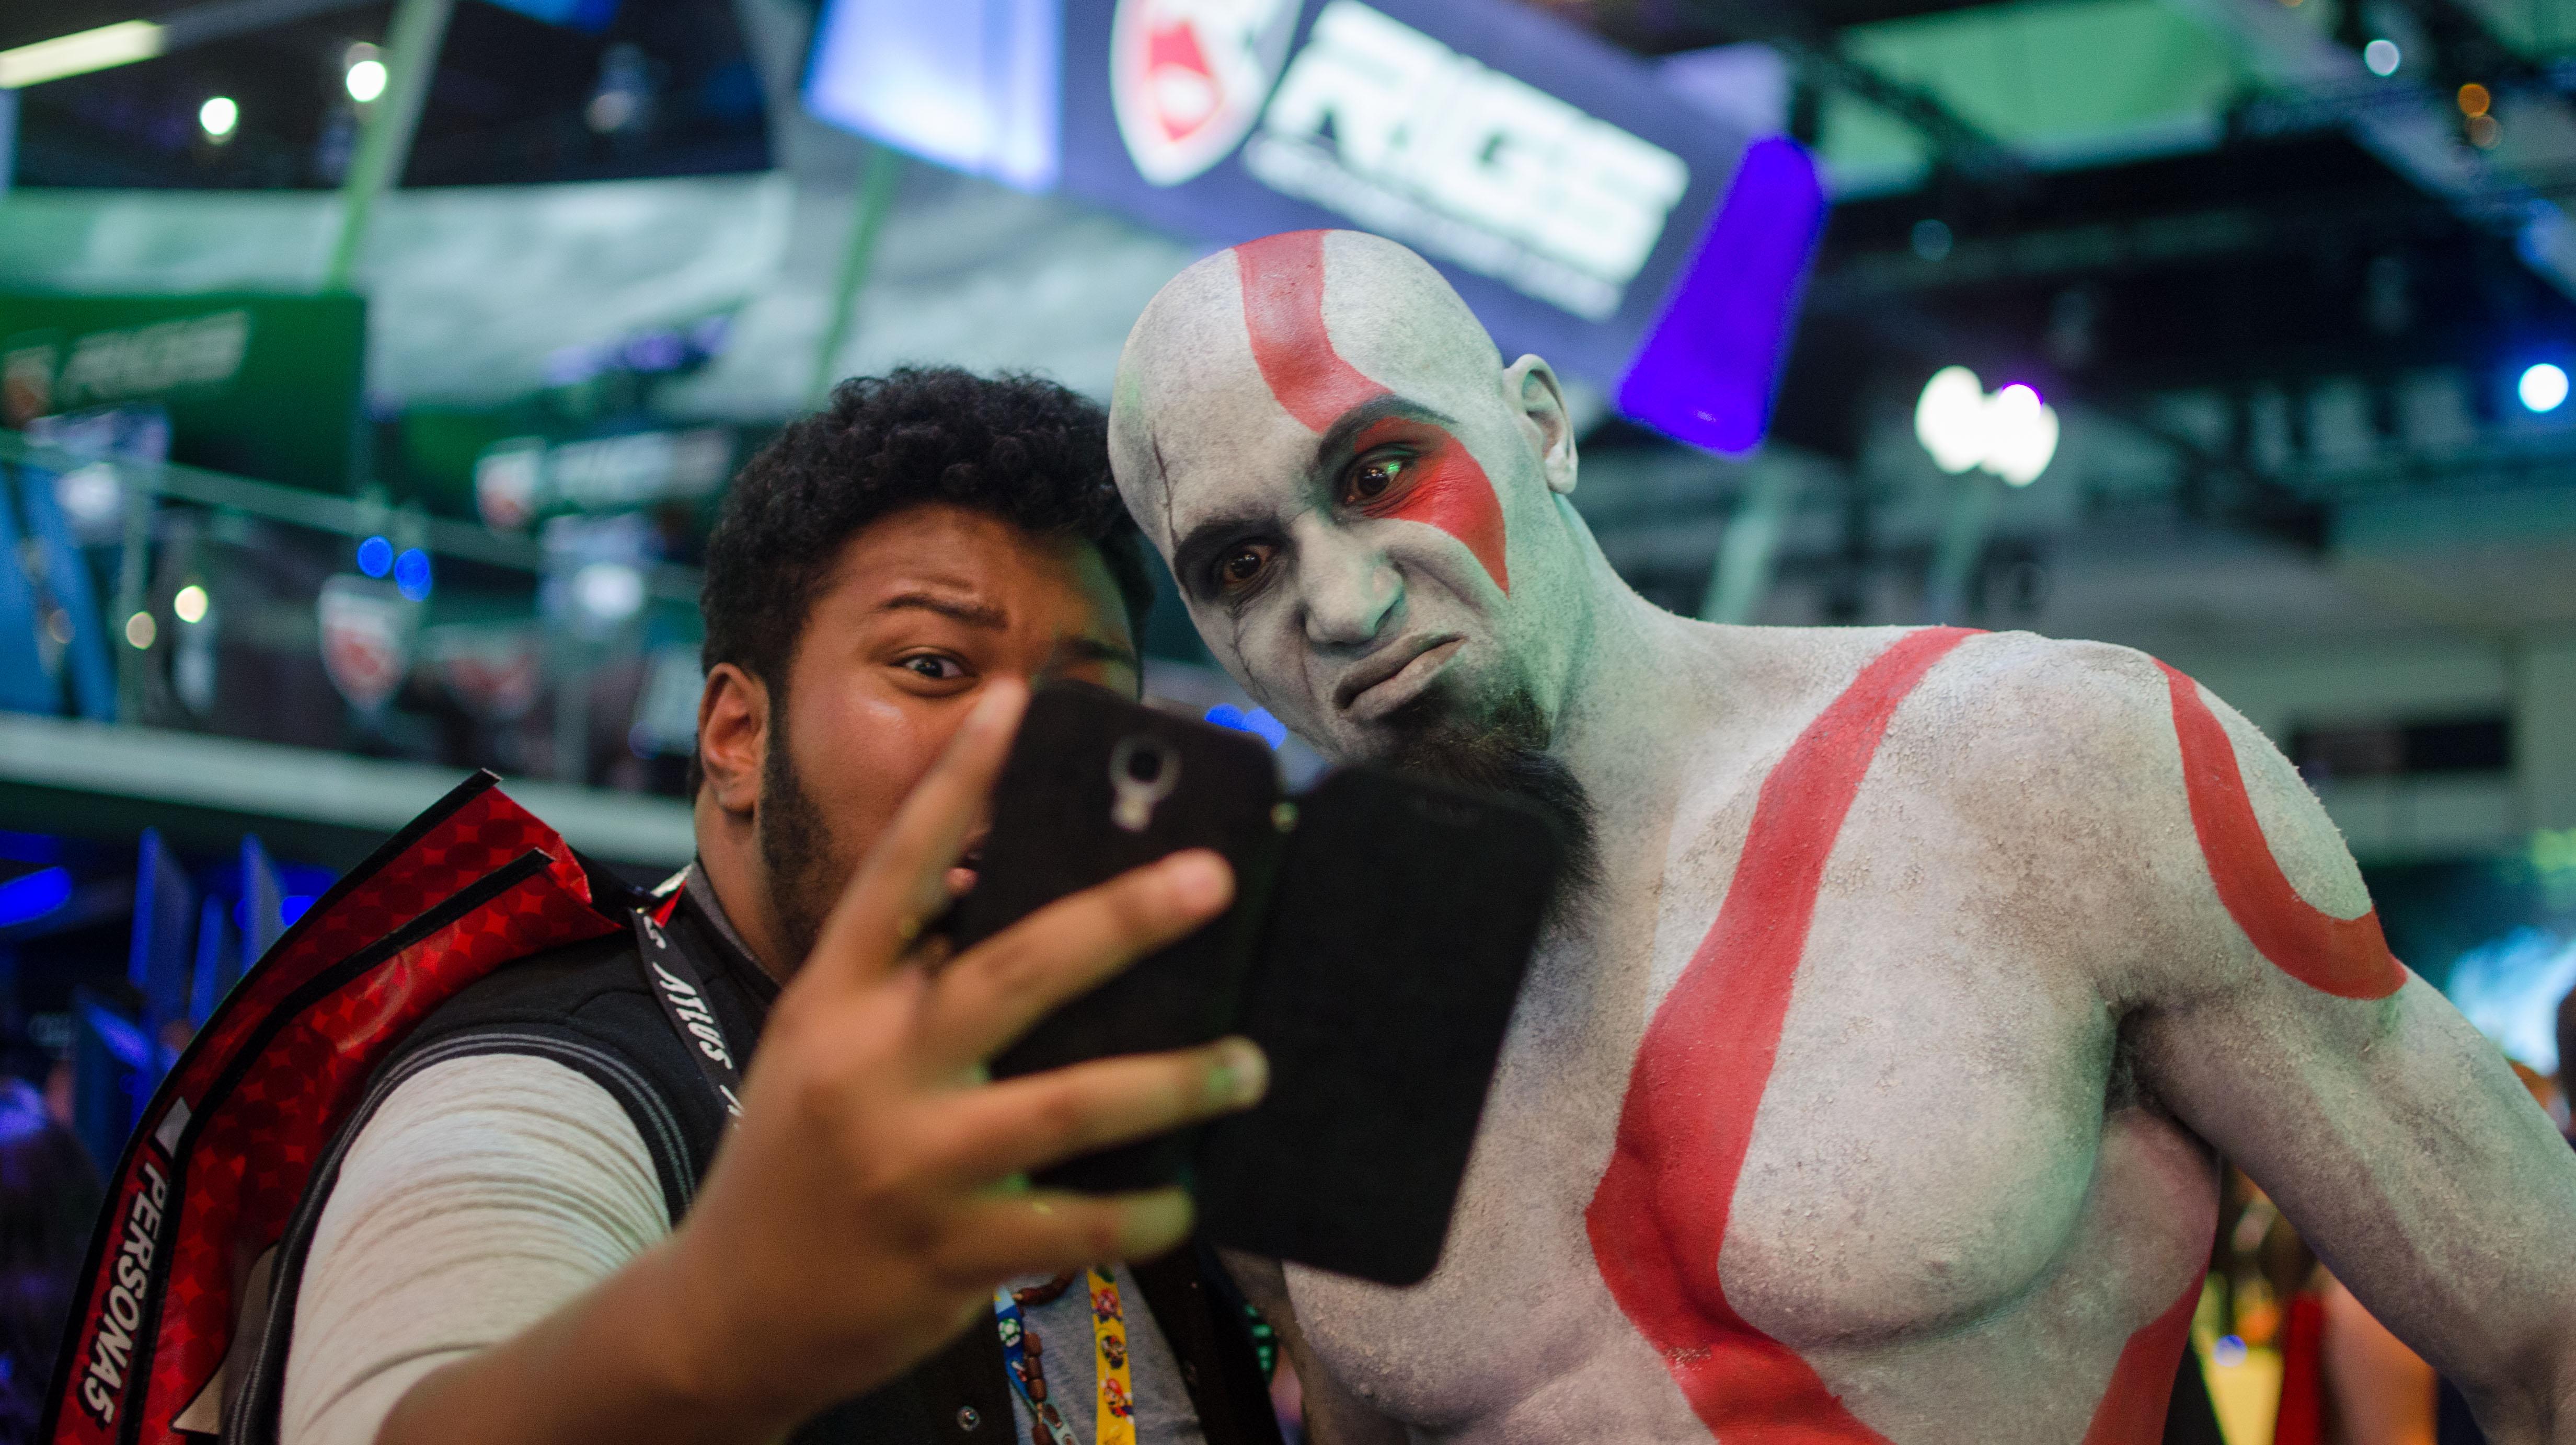 E3 gallery photo